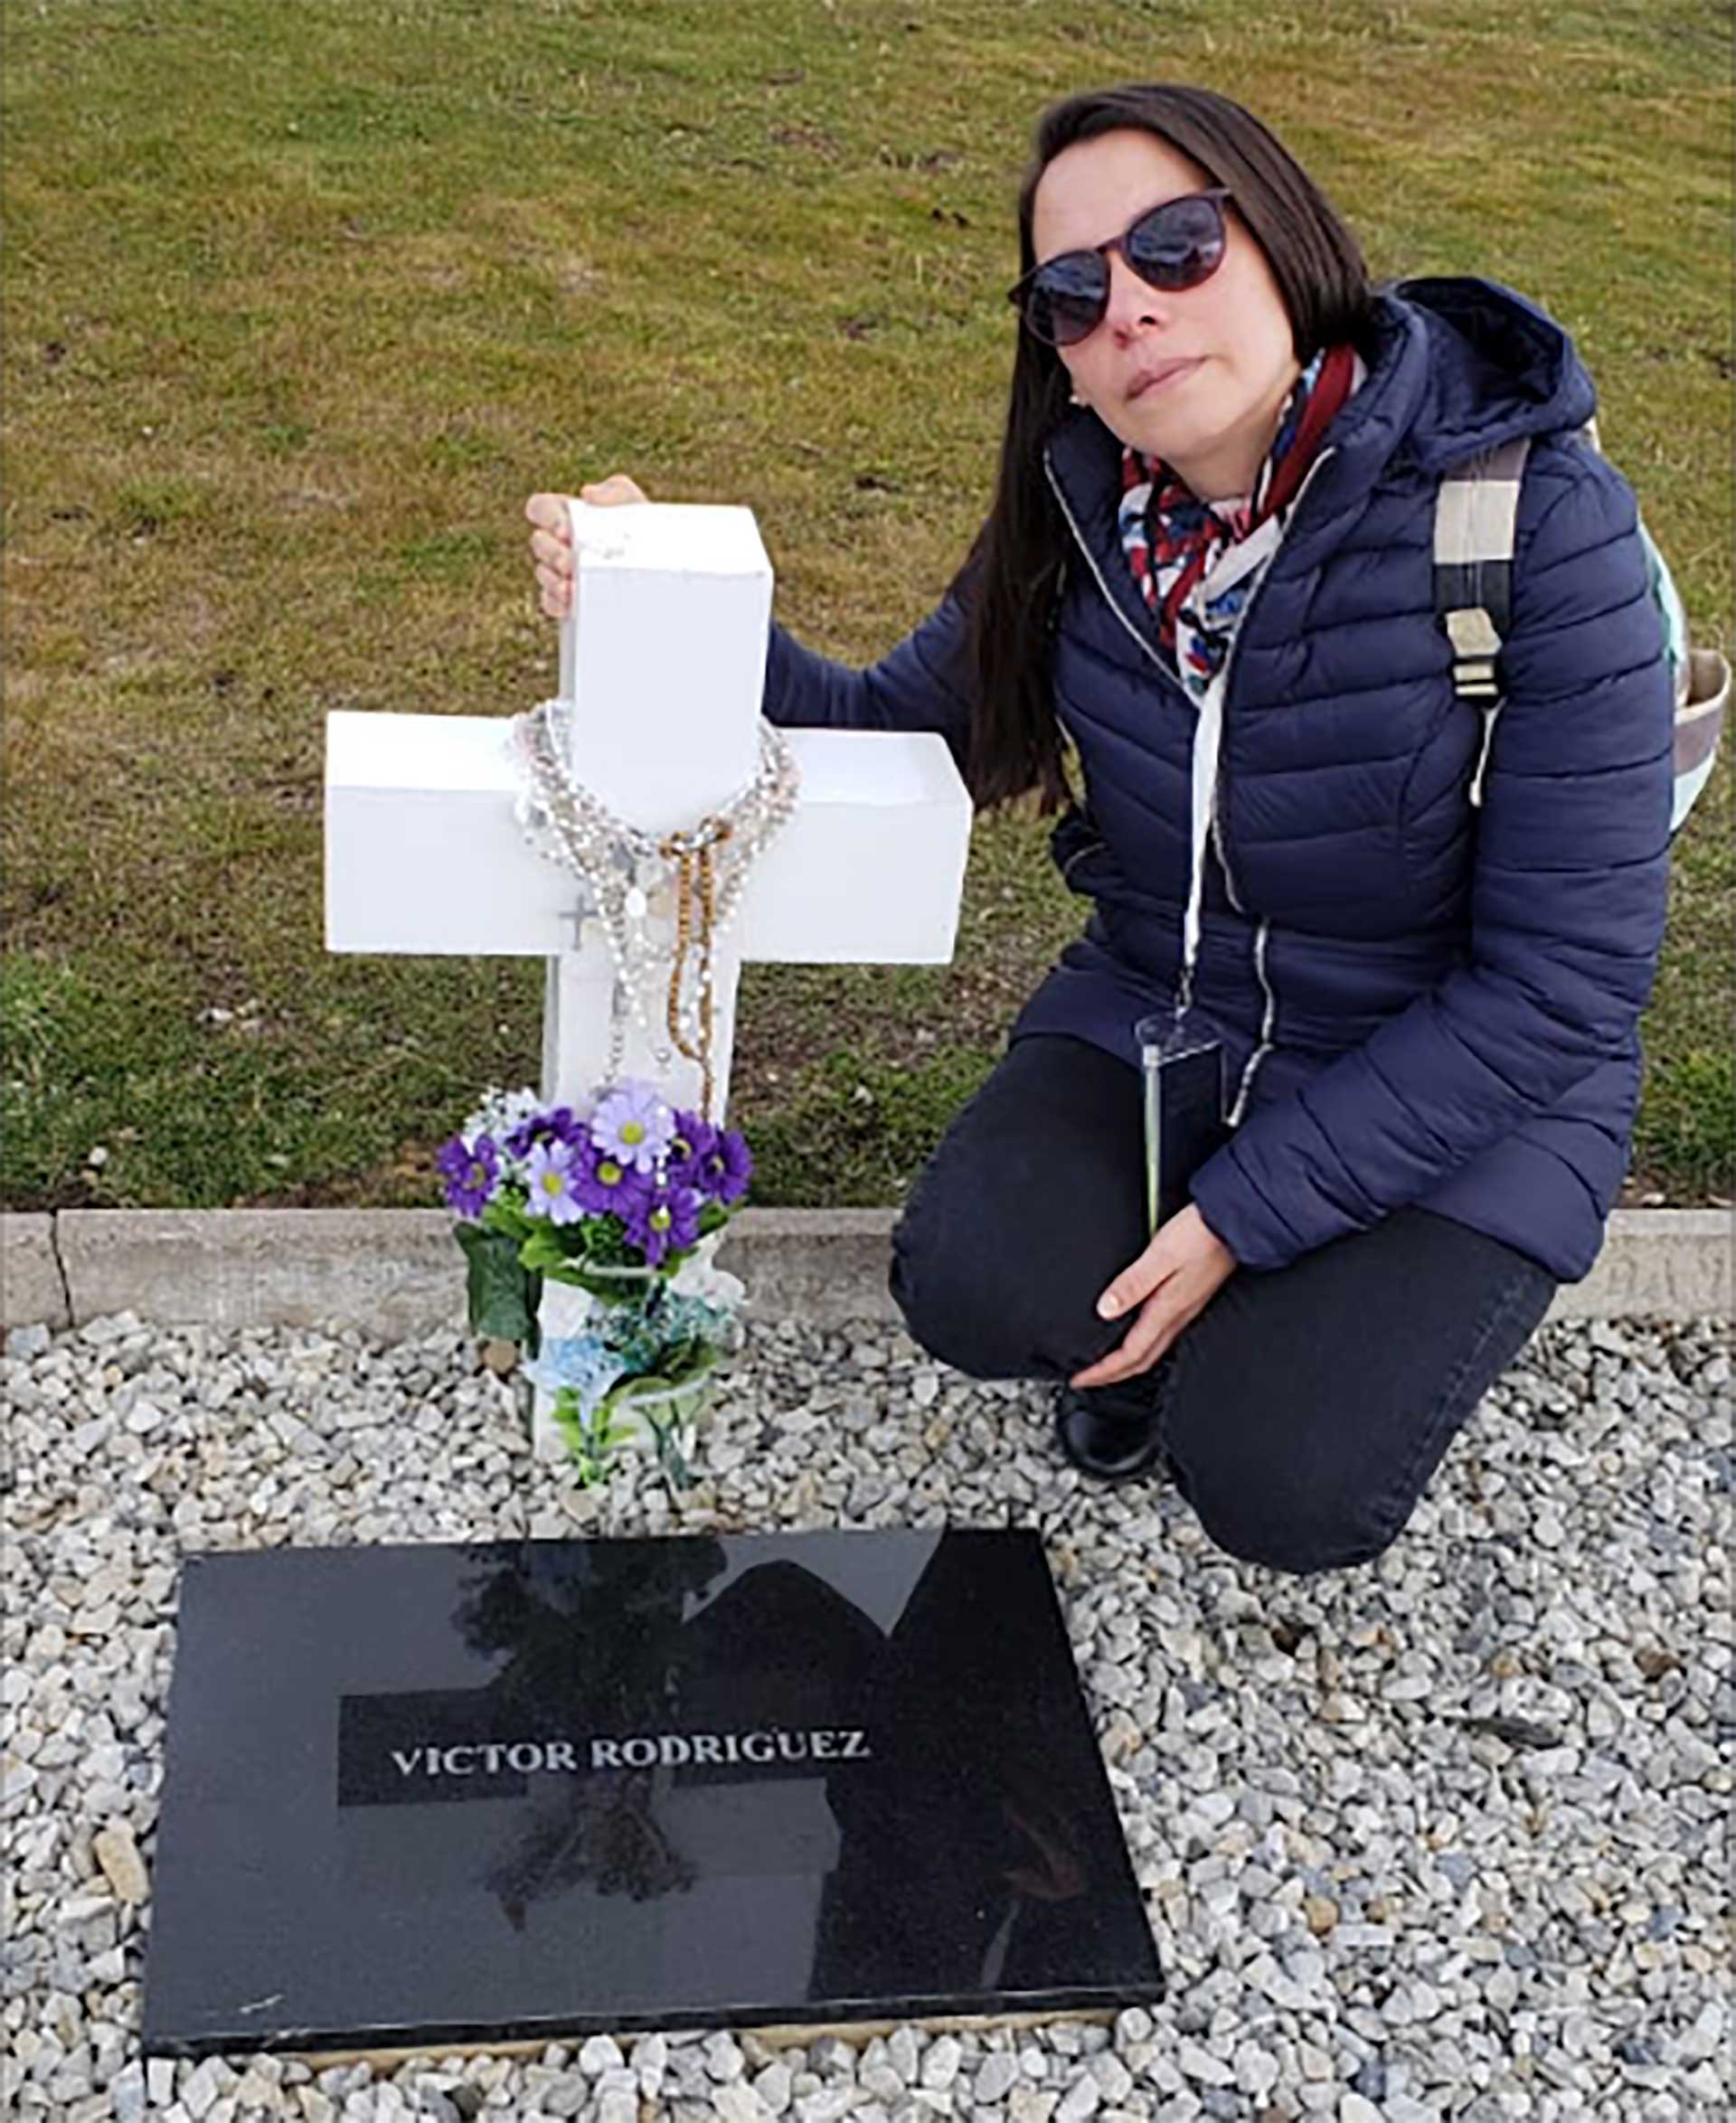 Nora Rodríguez, en la tumba de su hermano, en el cementerio de Darwin. Foto: Gentileza Mabel Godoy.